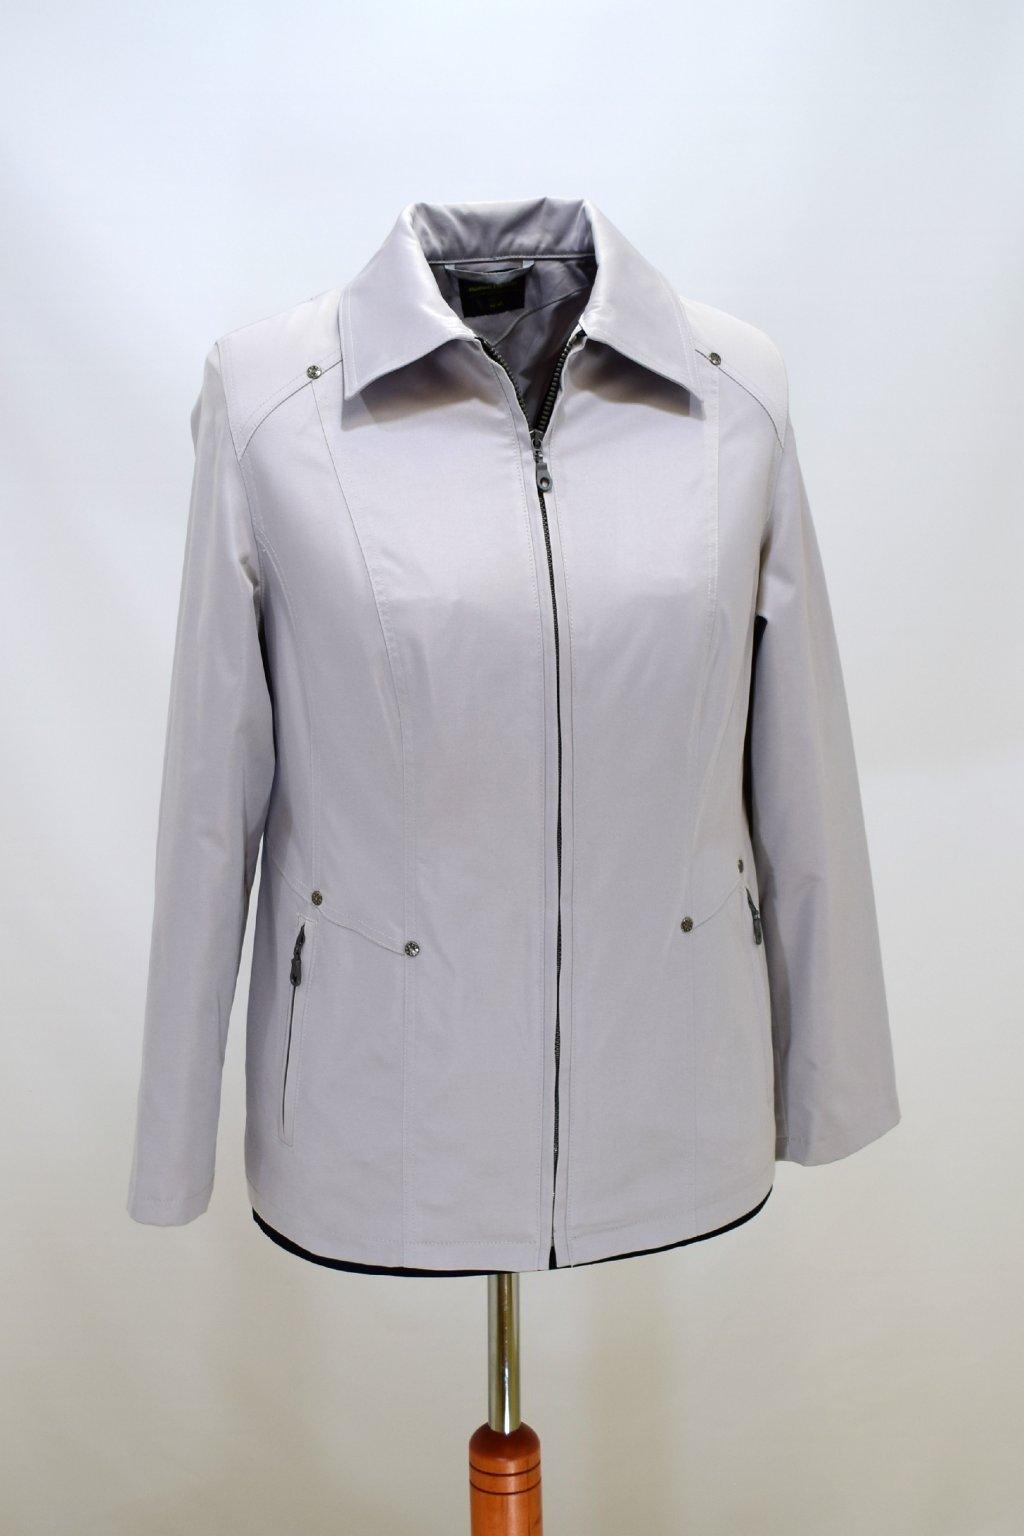 Dámská světle šedá jarní bunda Hana nadměrné velikosti.